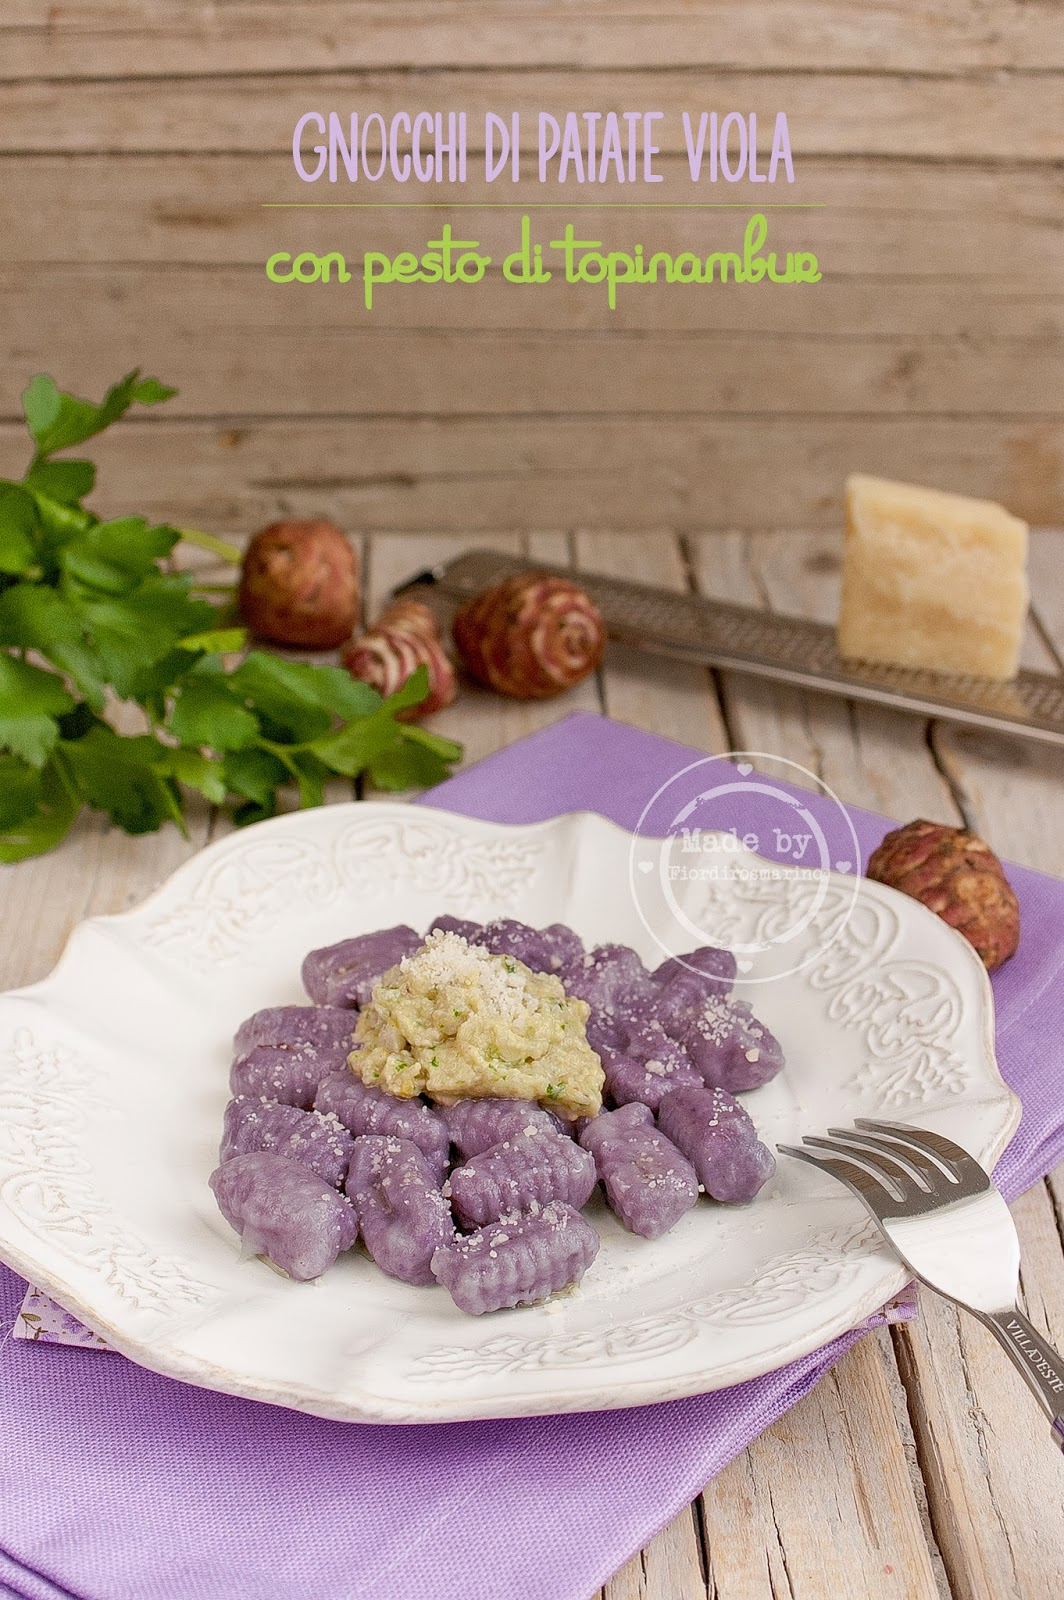 gnocchi di patate viola con pesto di topinambur